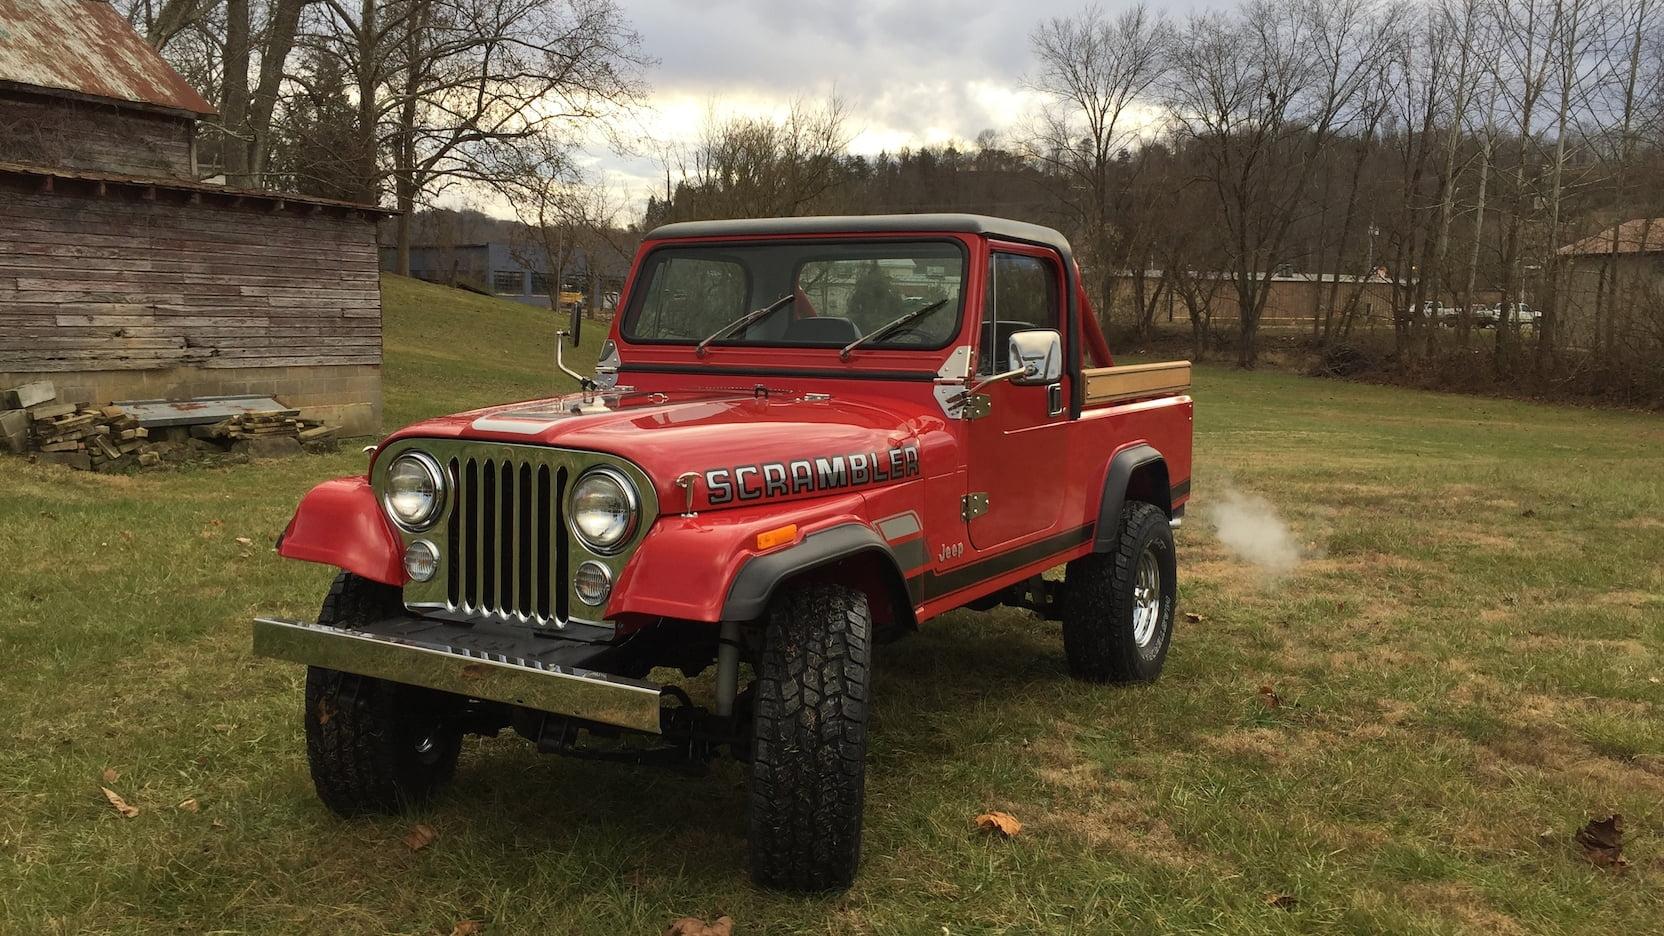 1984 Jeep Scrambler 3/4 front